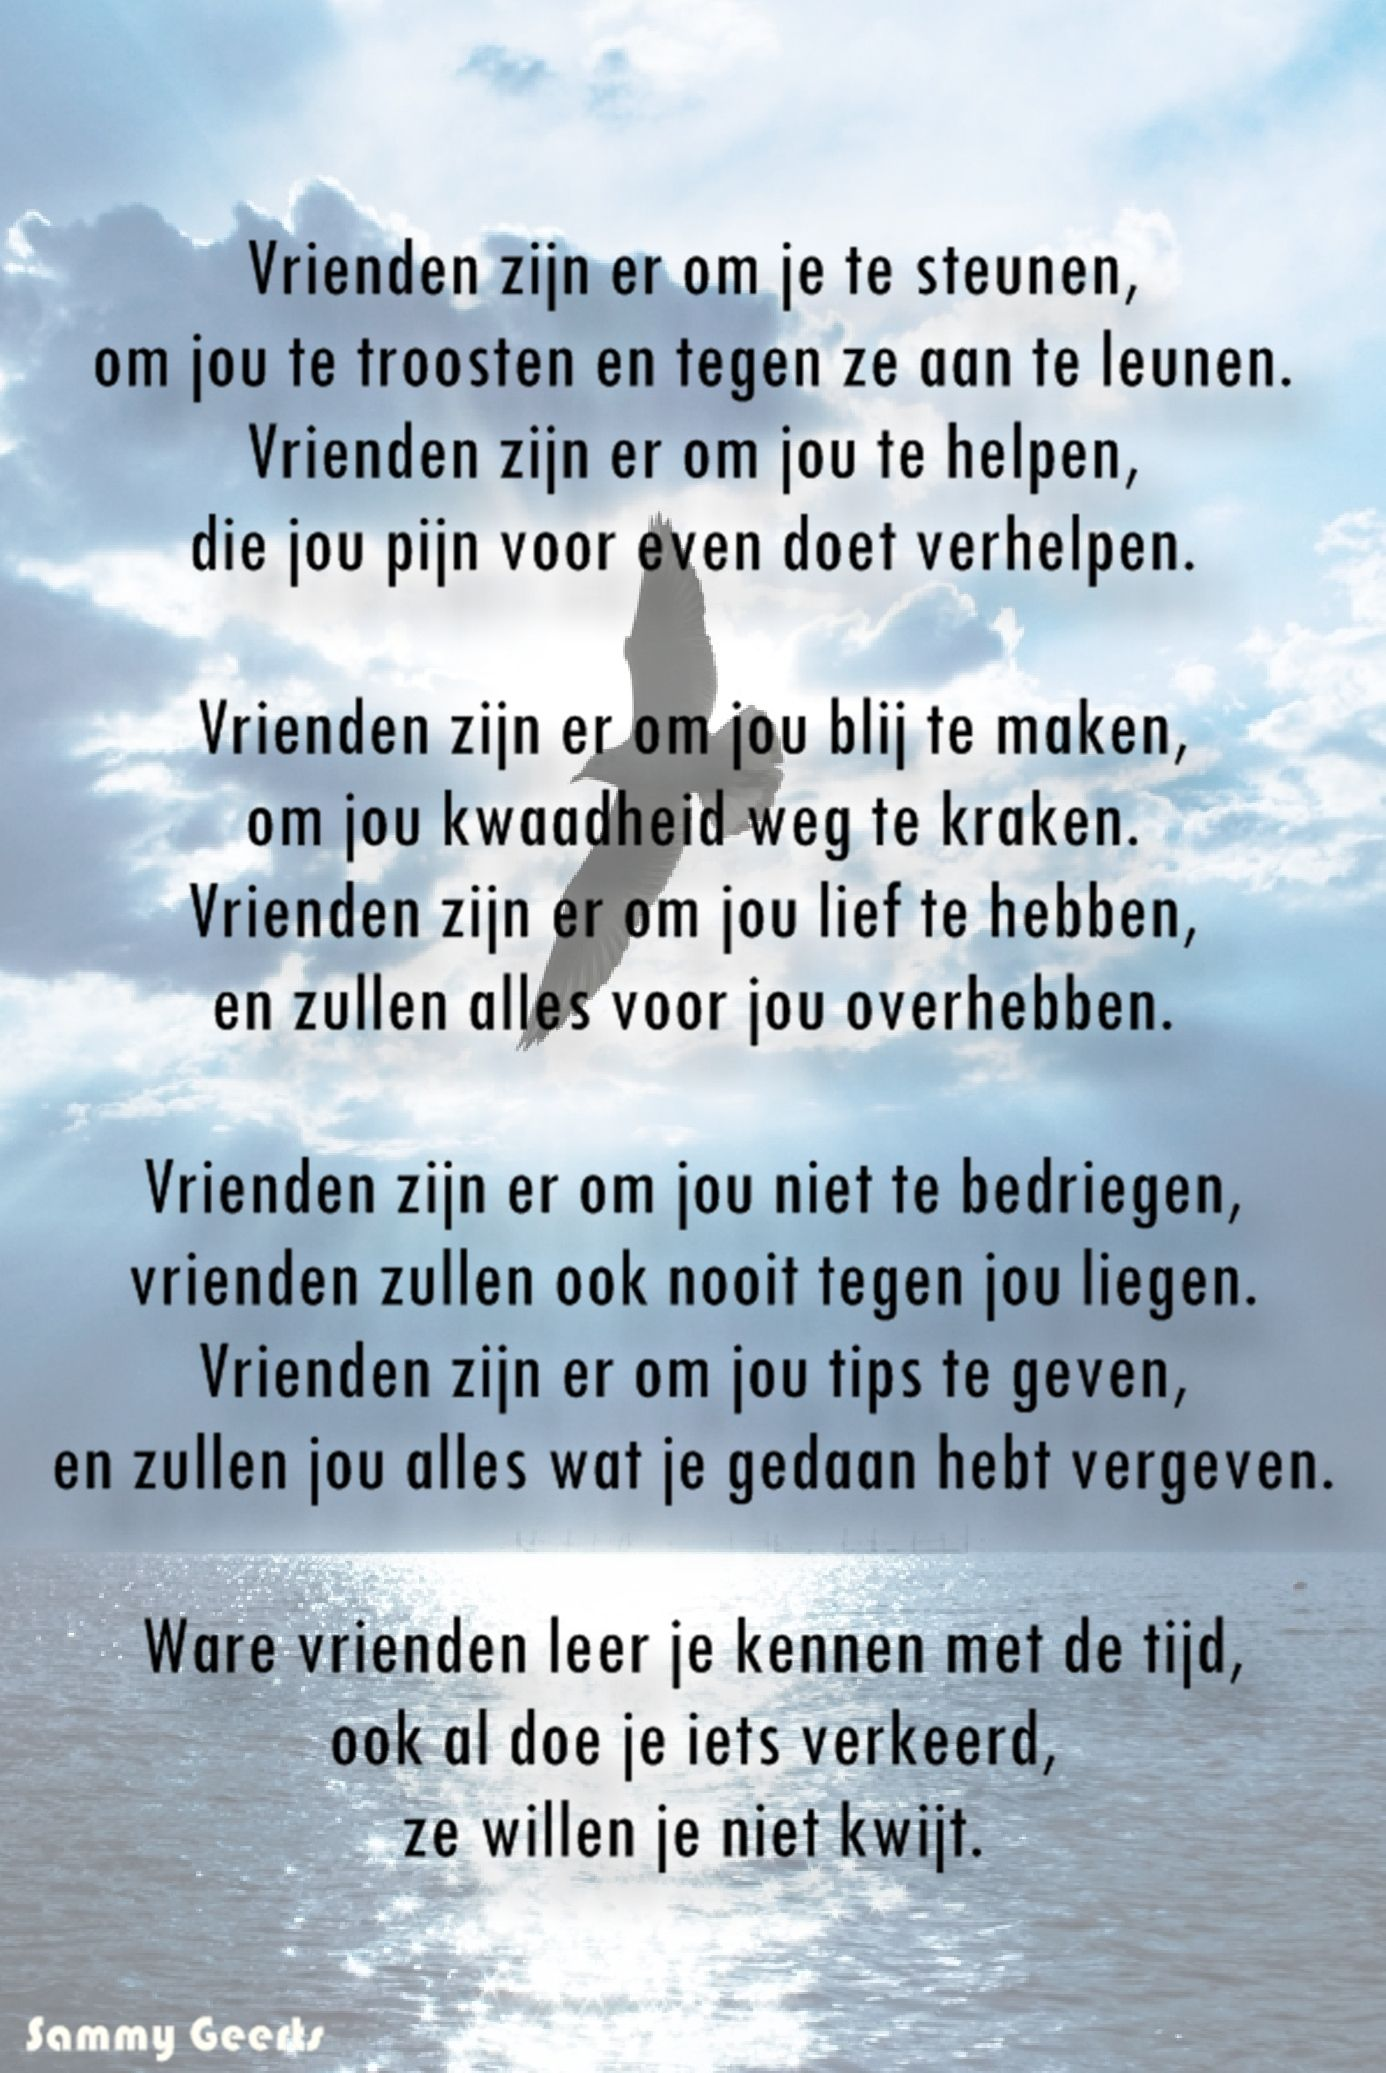 Pin Van Erikie Op Anka 40 Jaar Gedichten Teksten Vriendschap Gedichten